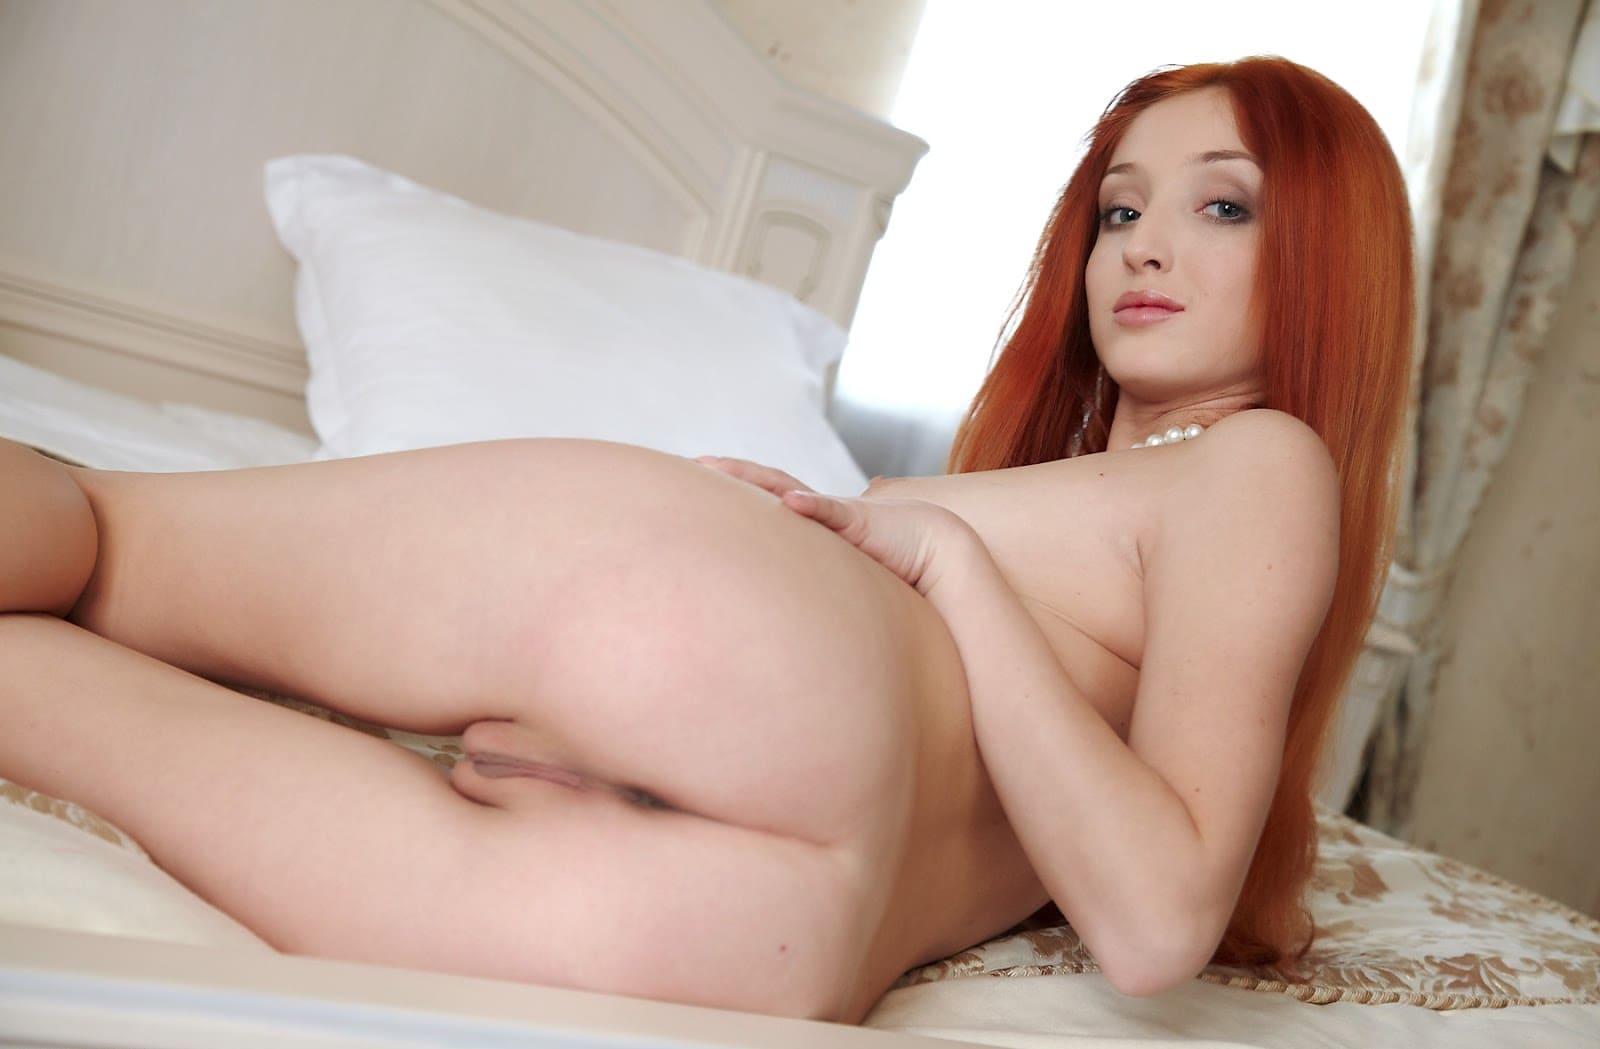 красивые голые рыжие девушки с длинным огненным волосом лежит на боку показывая свою шикарную попу и писю